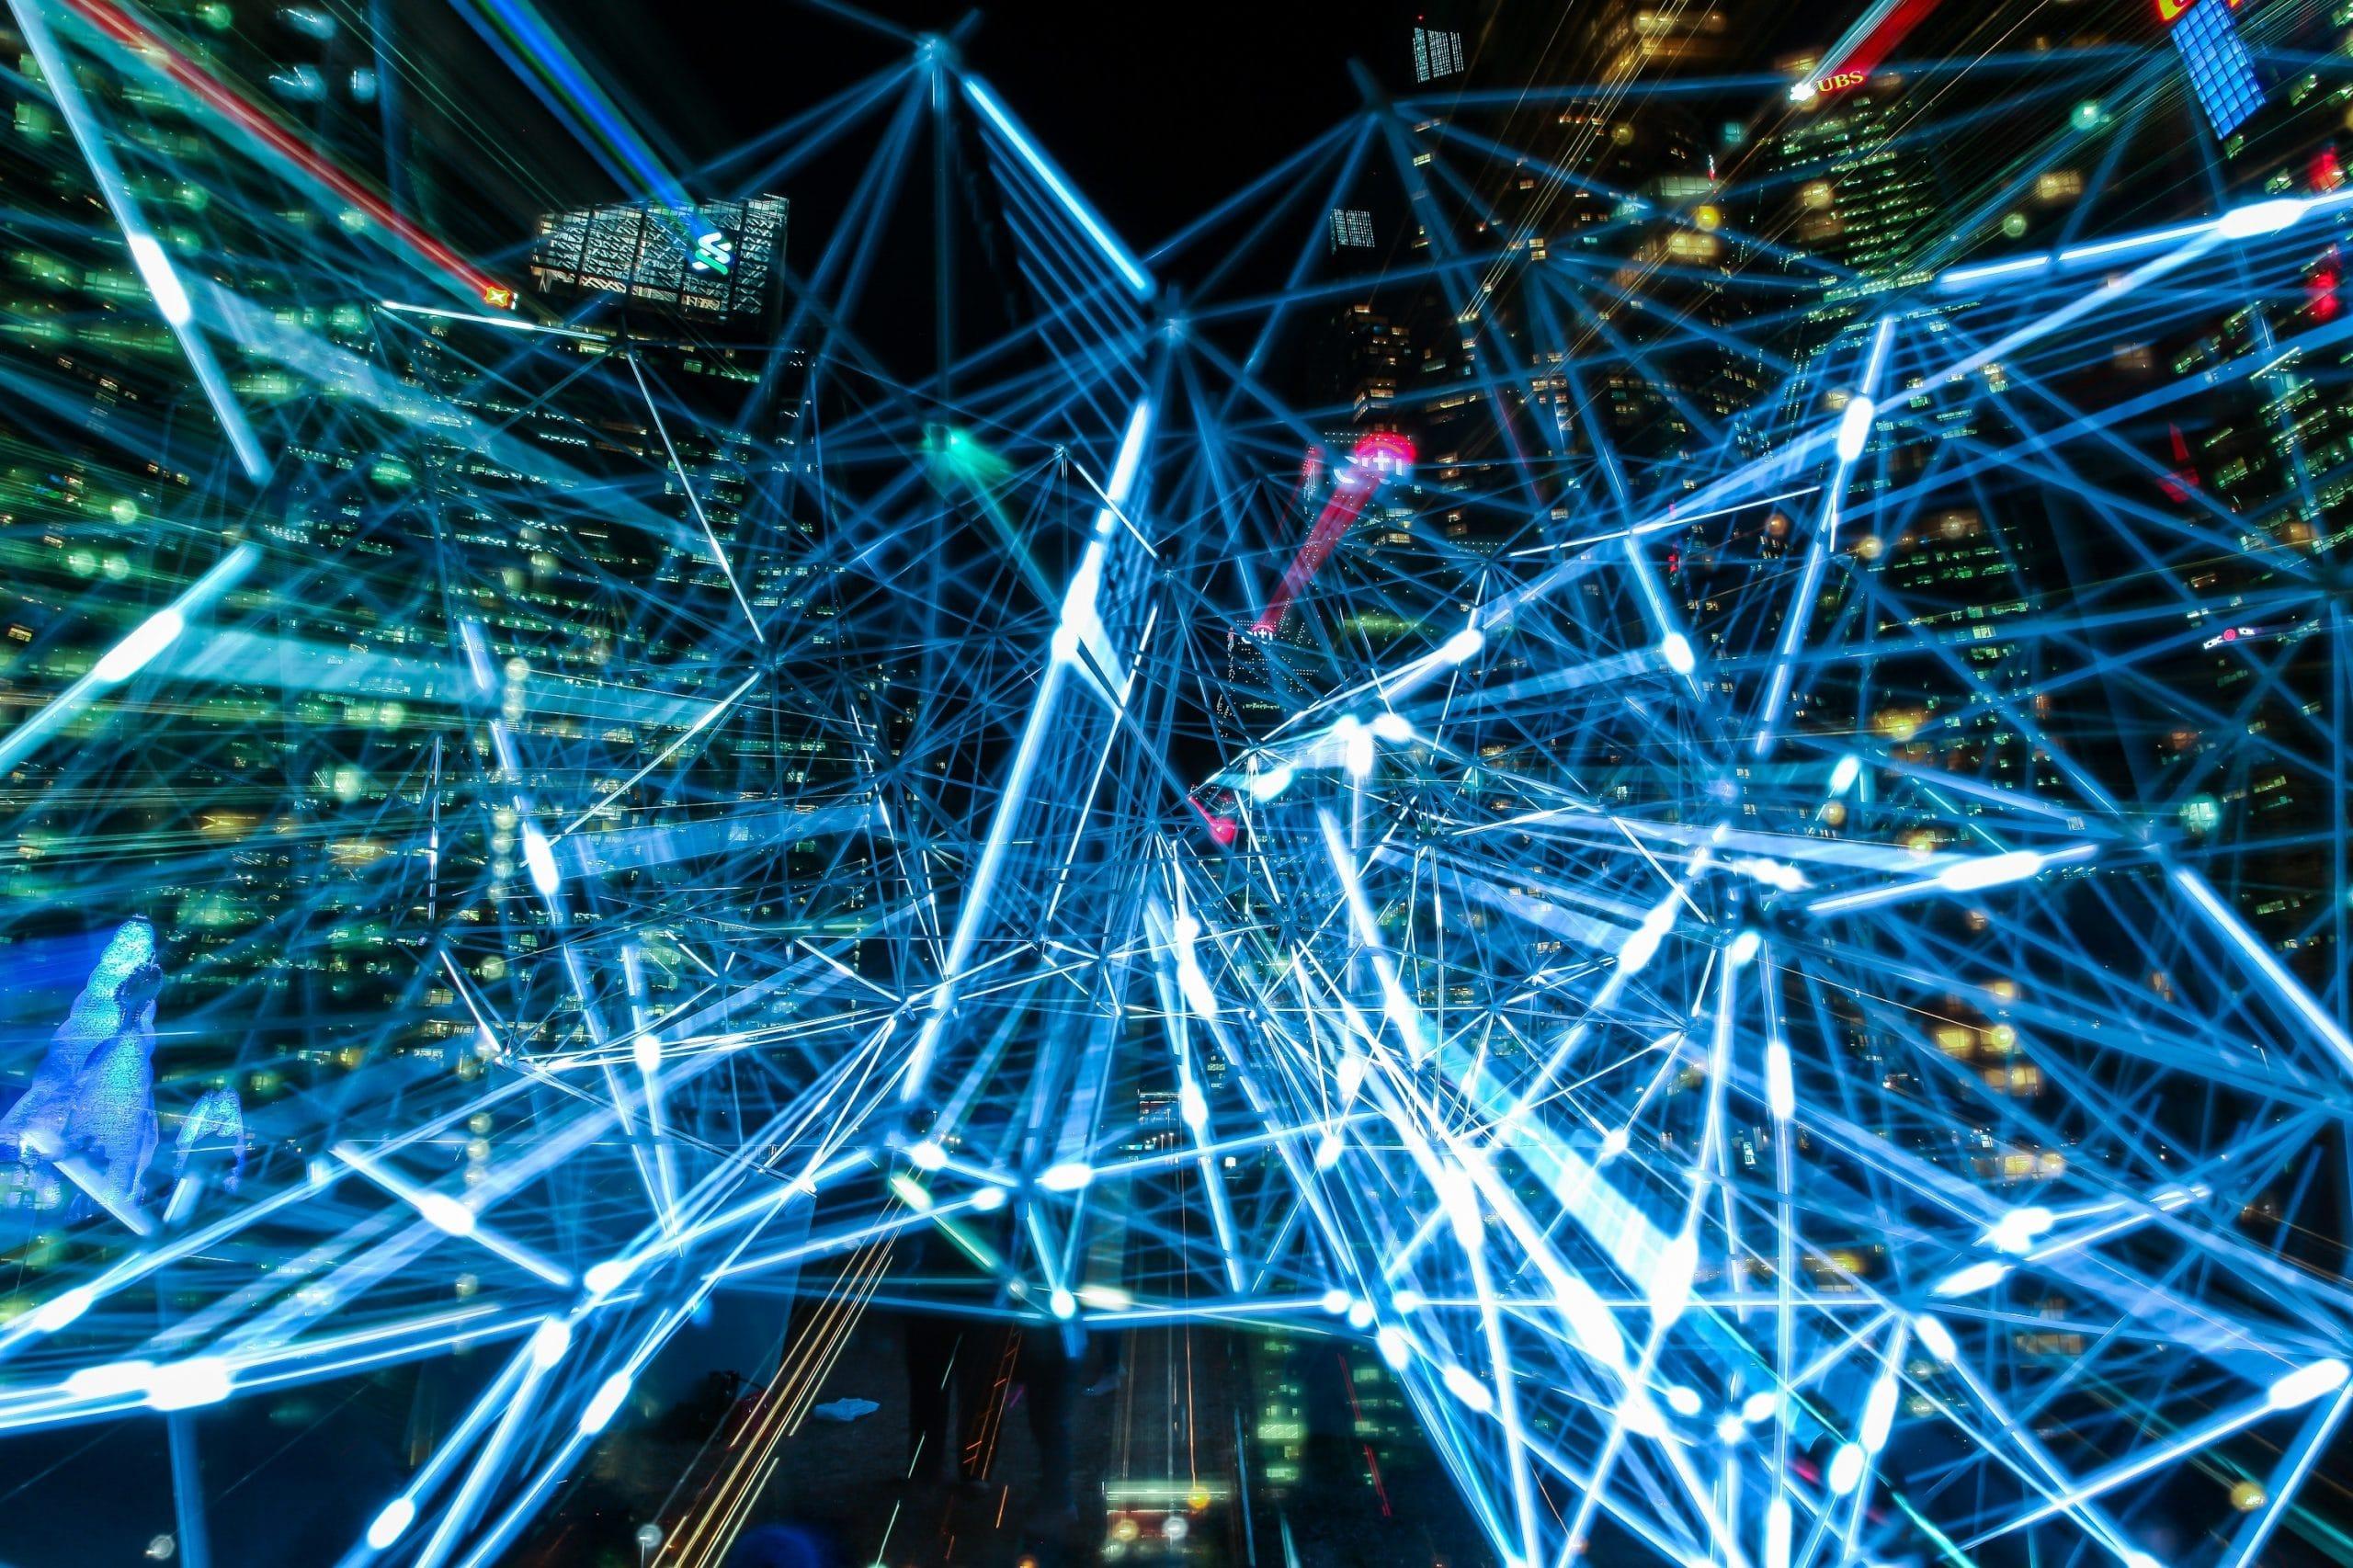 Luzes de uma rede tecnológica em meio às luzes da cidade.